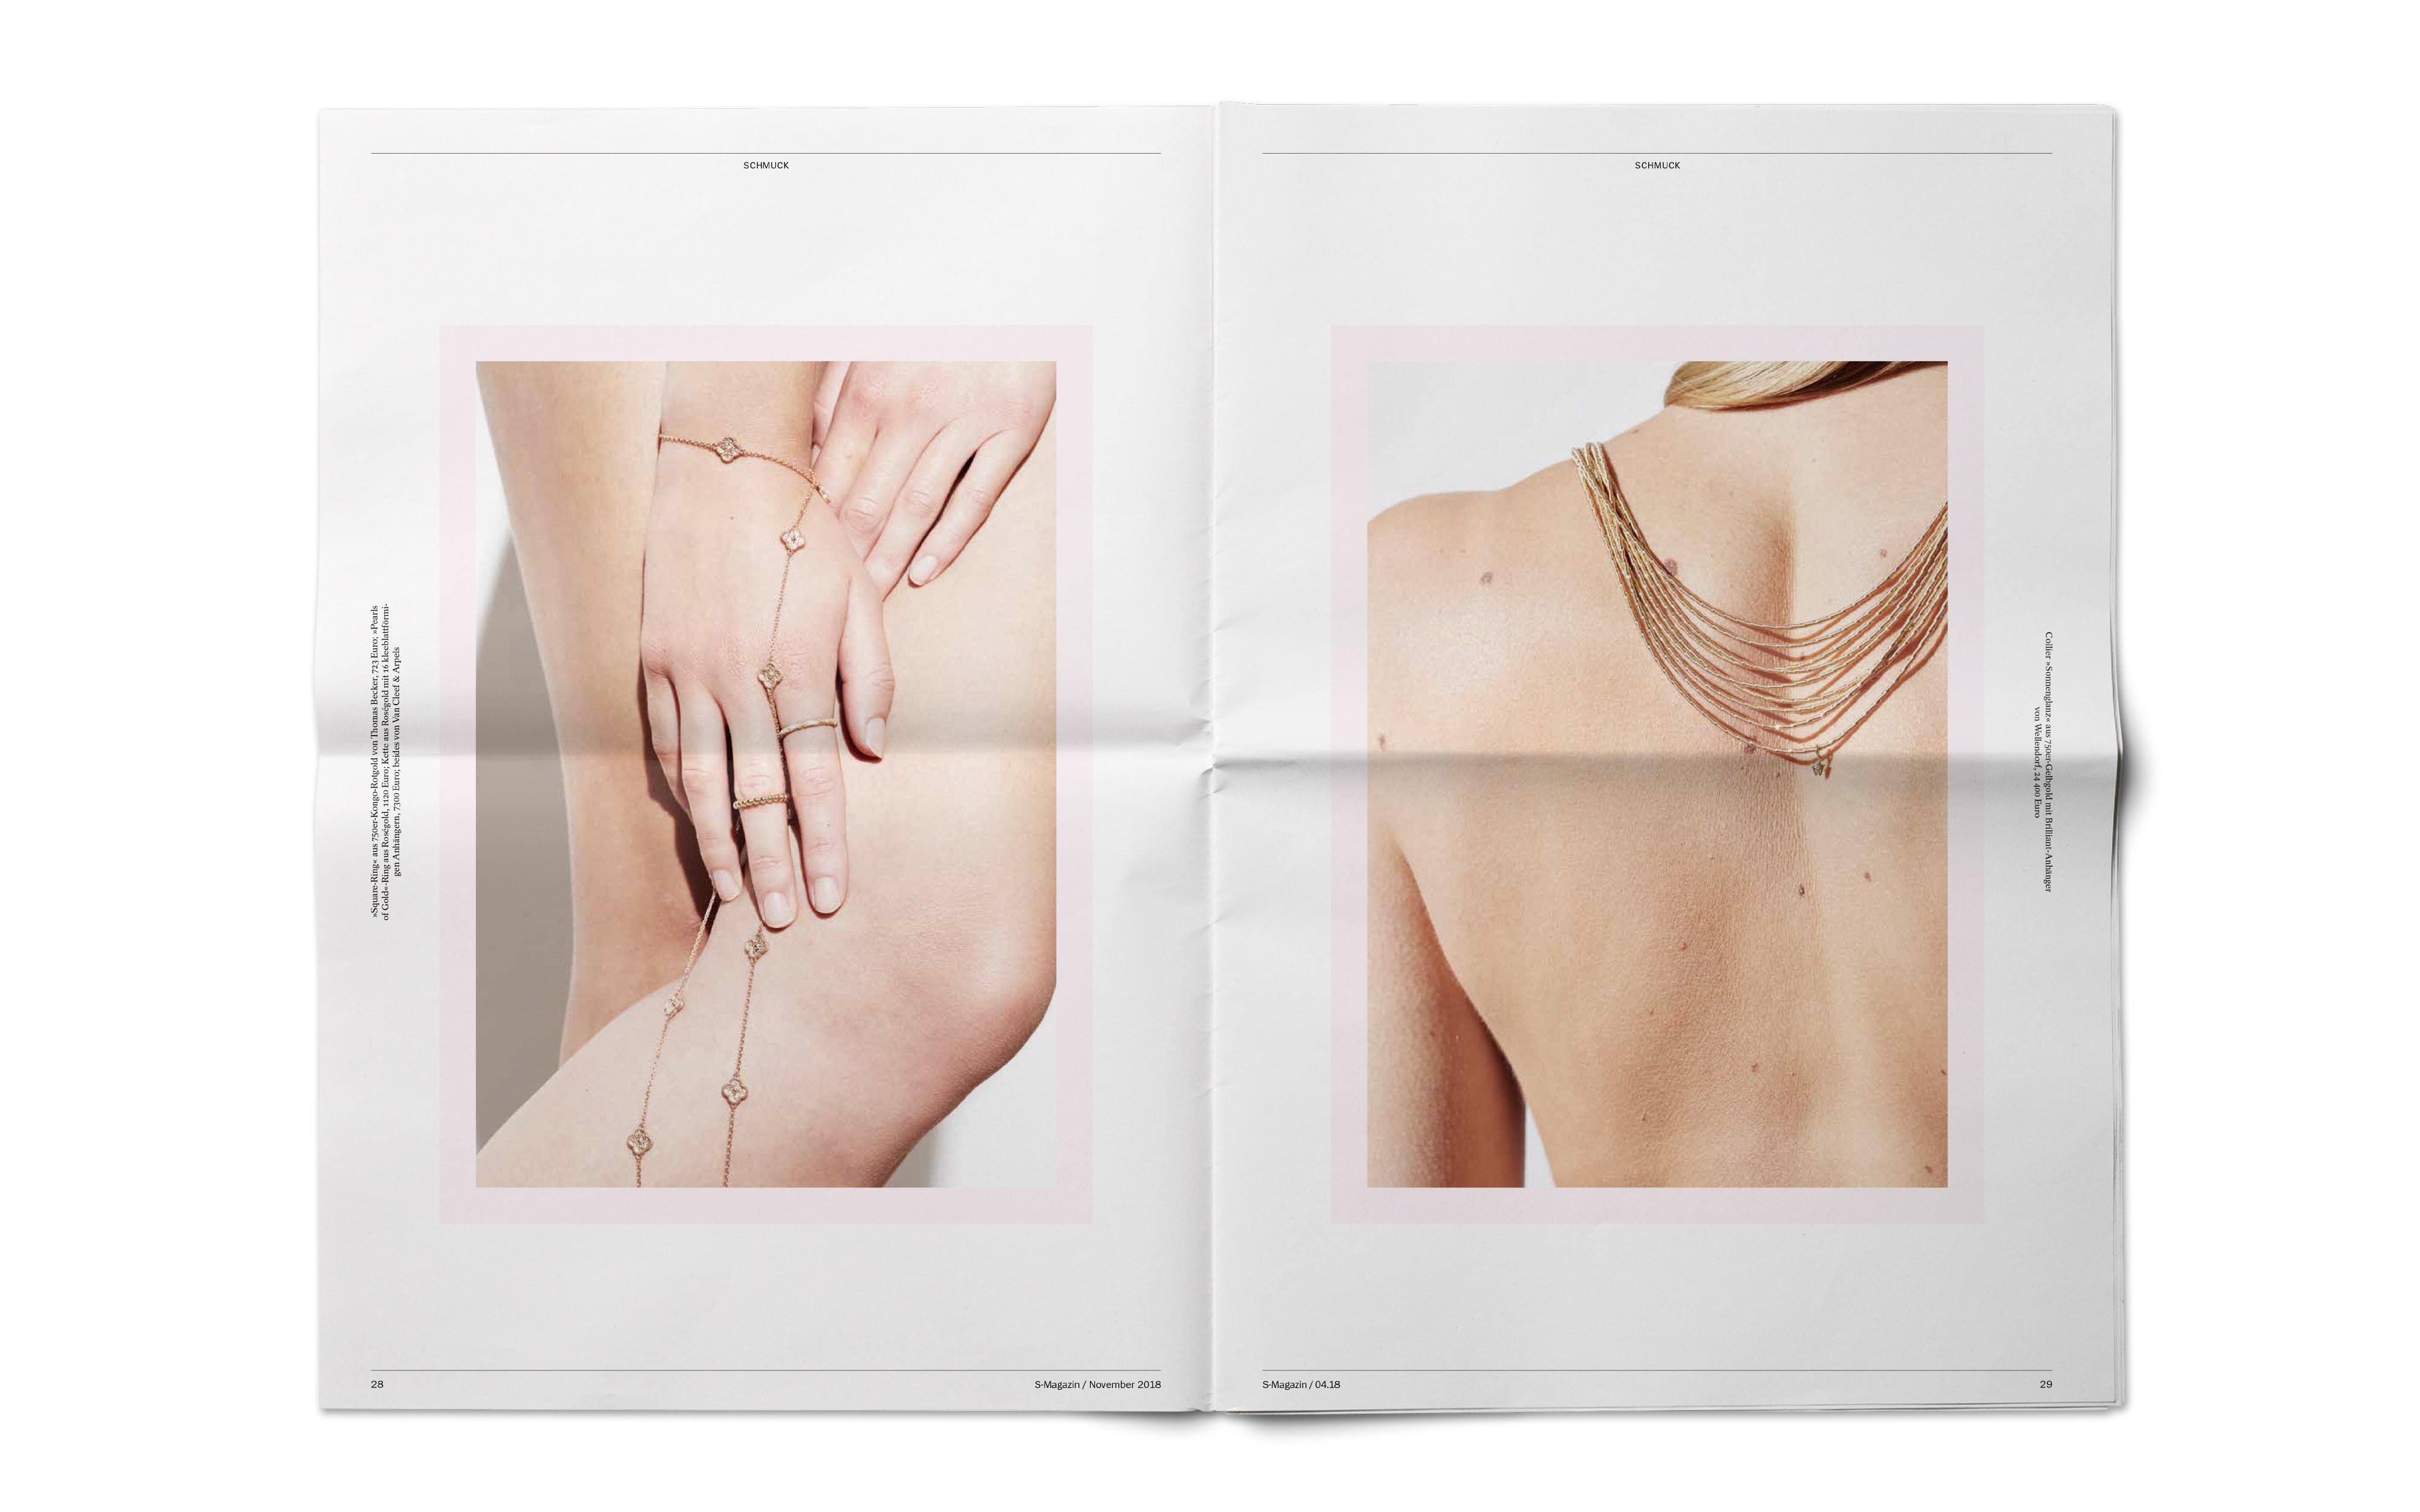 Bureau Johannes Erler – Spiegel S-Magazine / Nr. 5-7